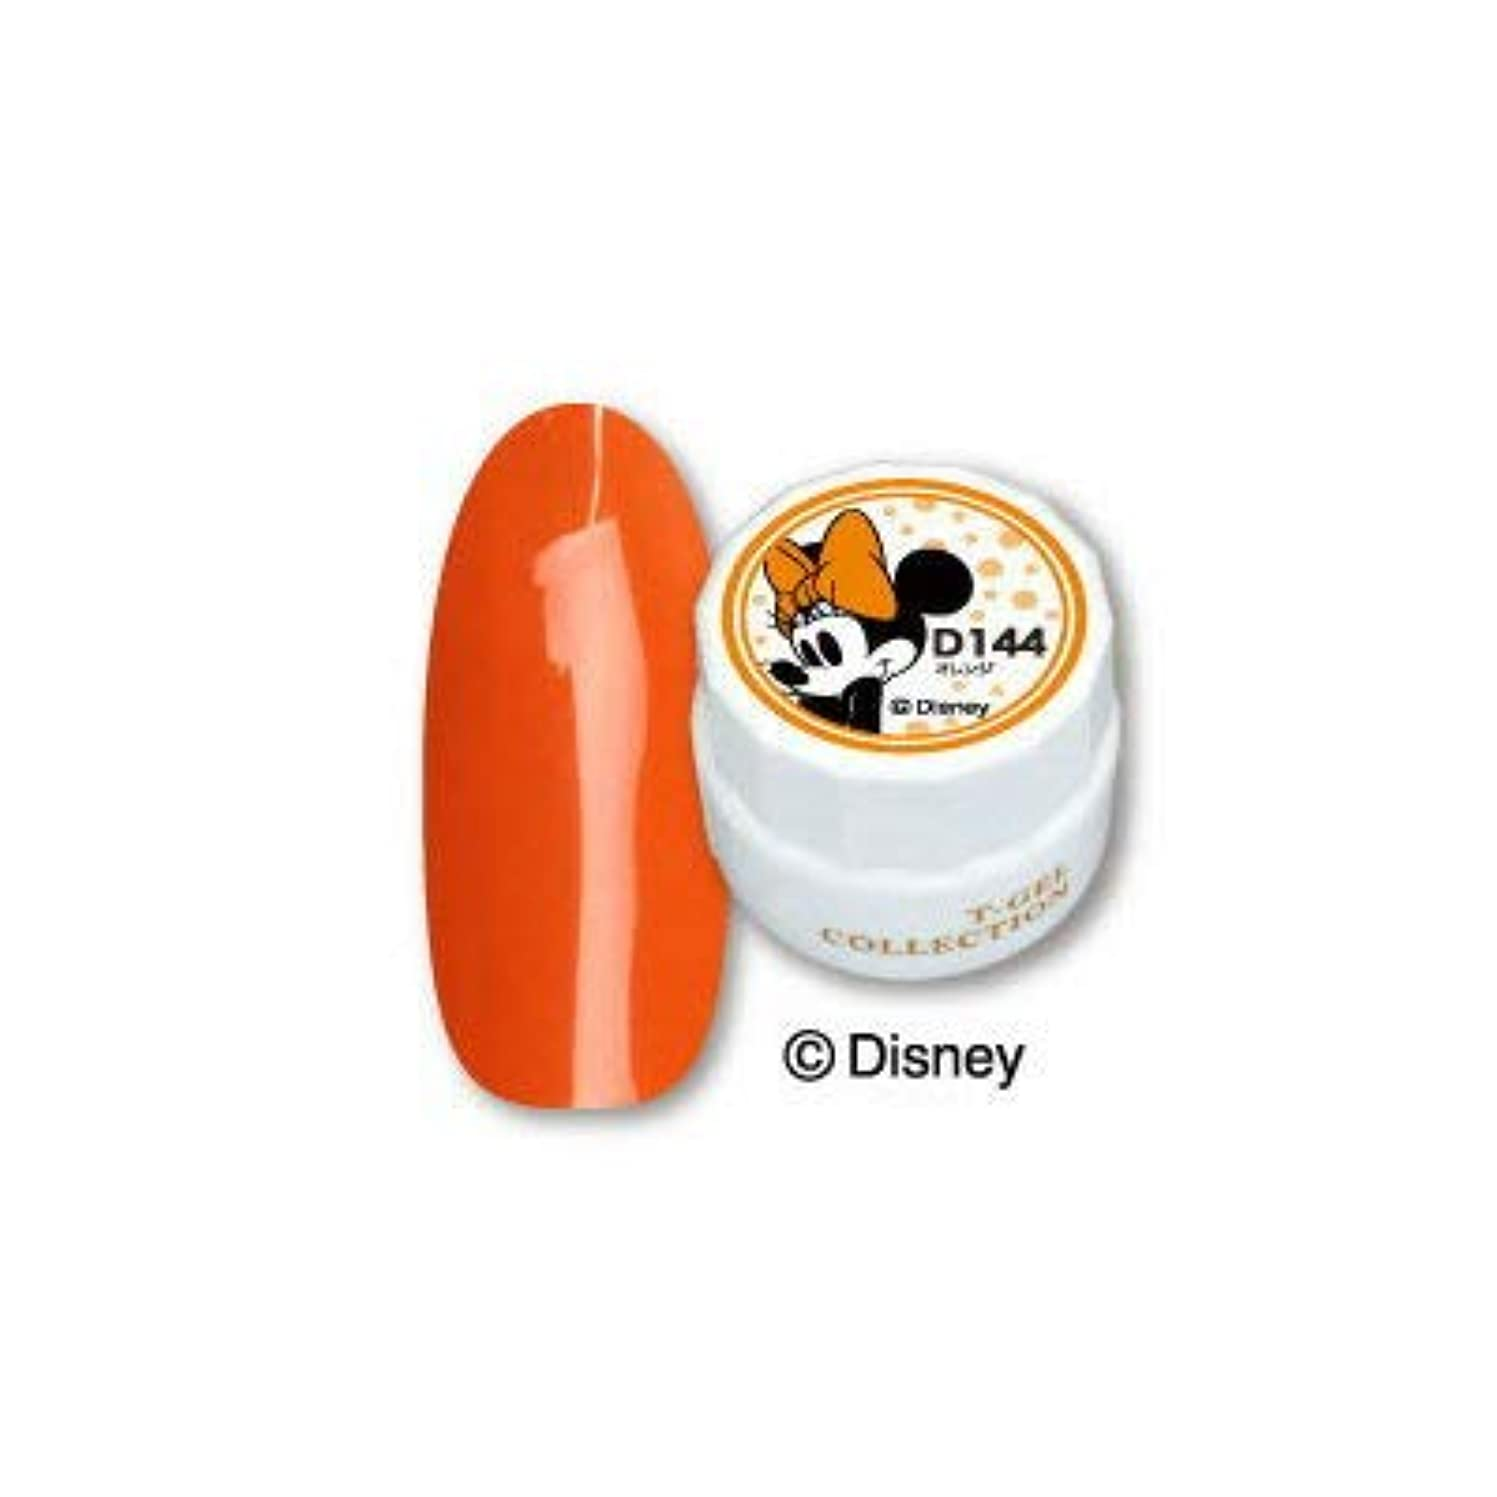 ハーネスのれん平手打ちT-GEL COLLECTION カラージェル D144 オレンジ 4ml